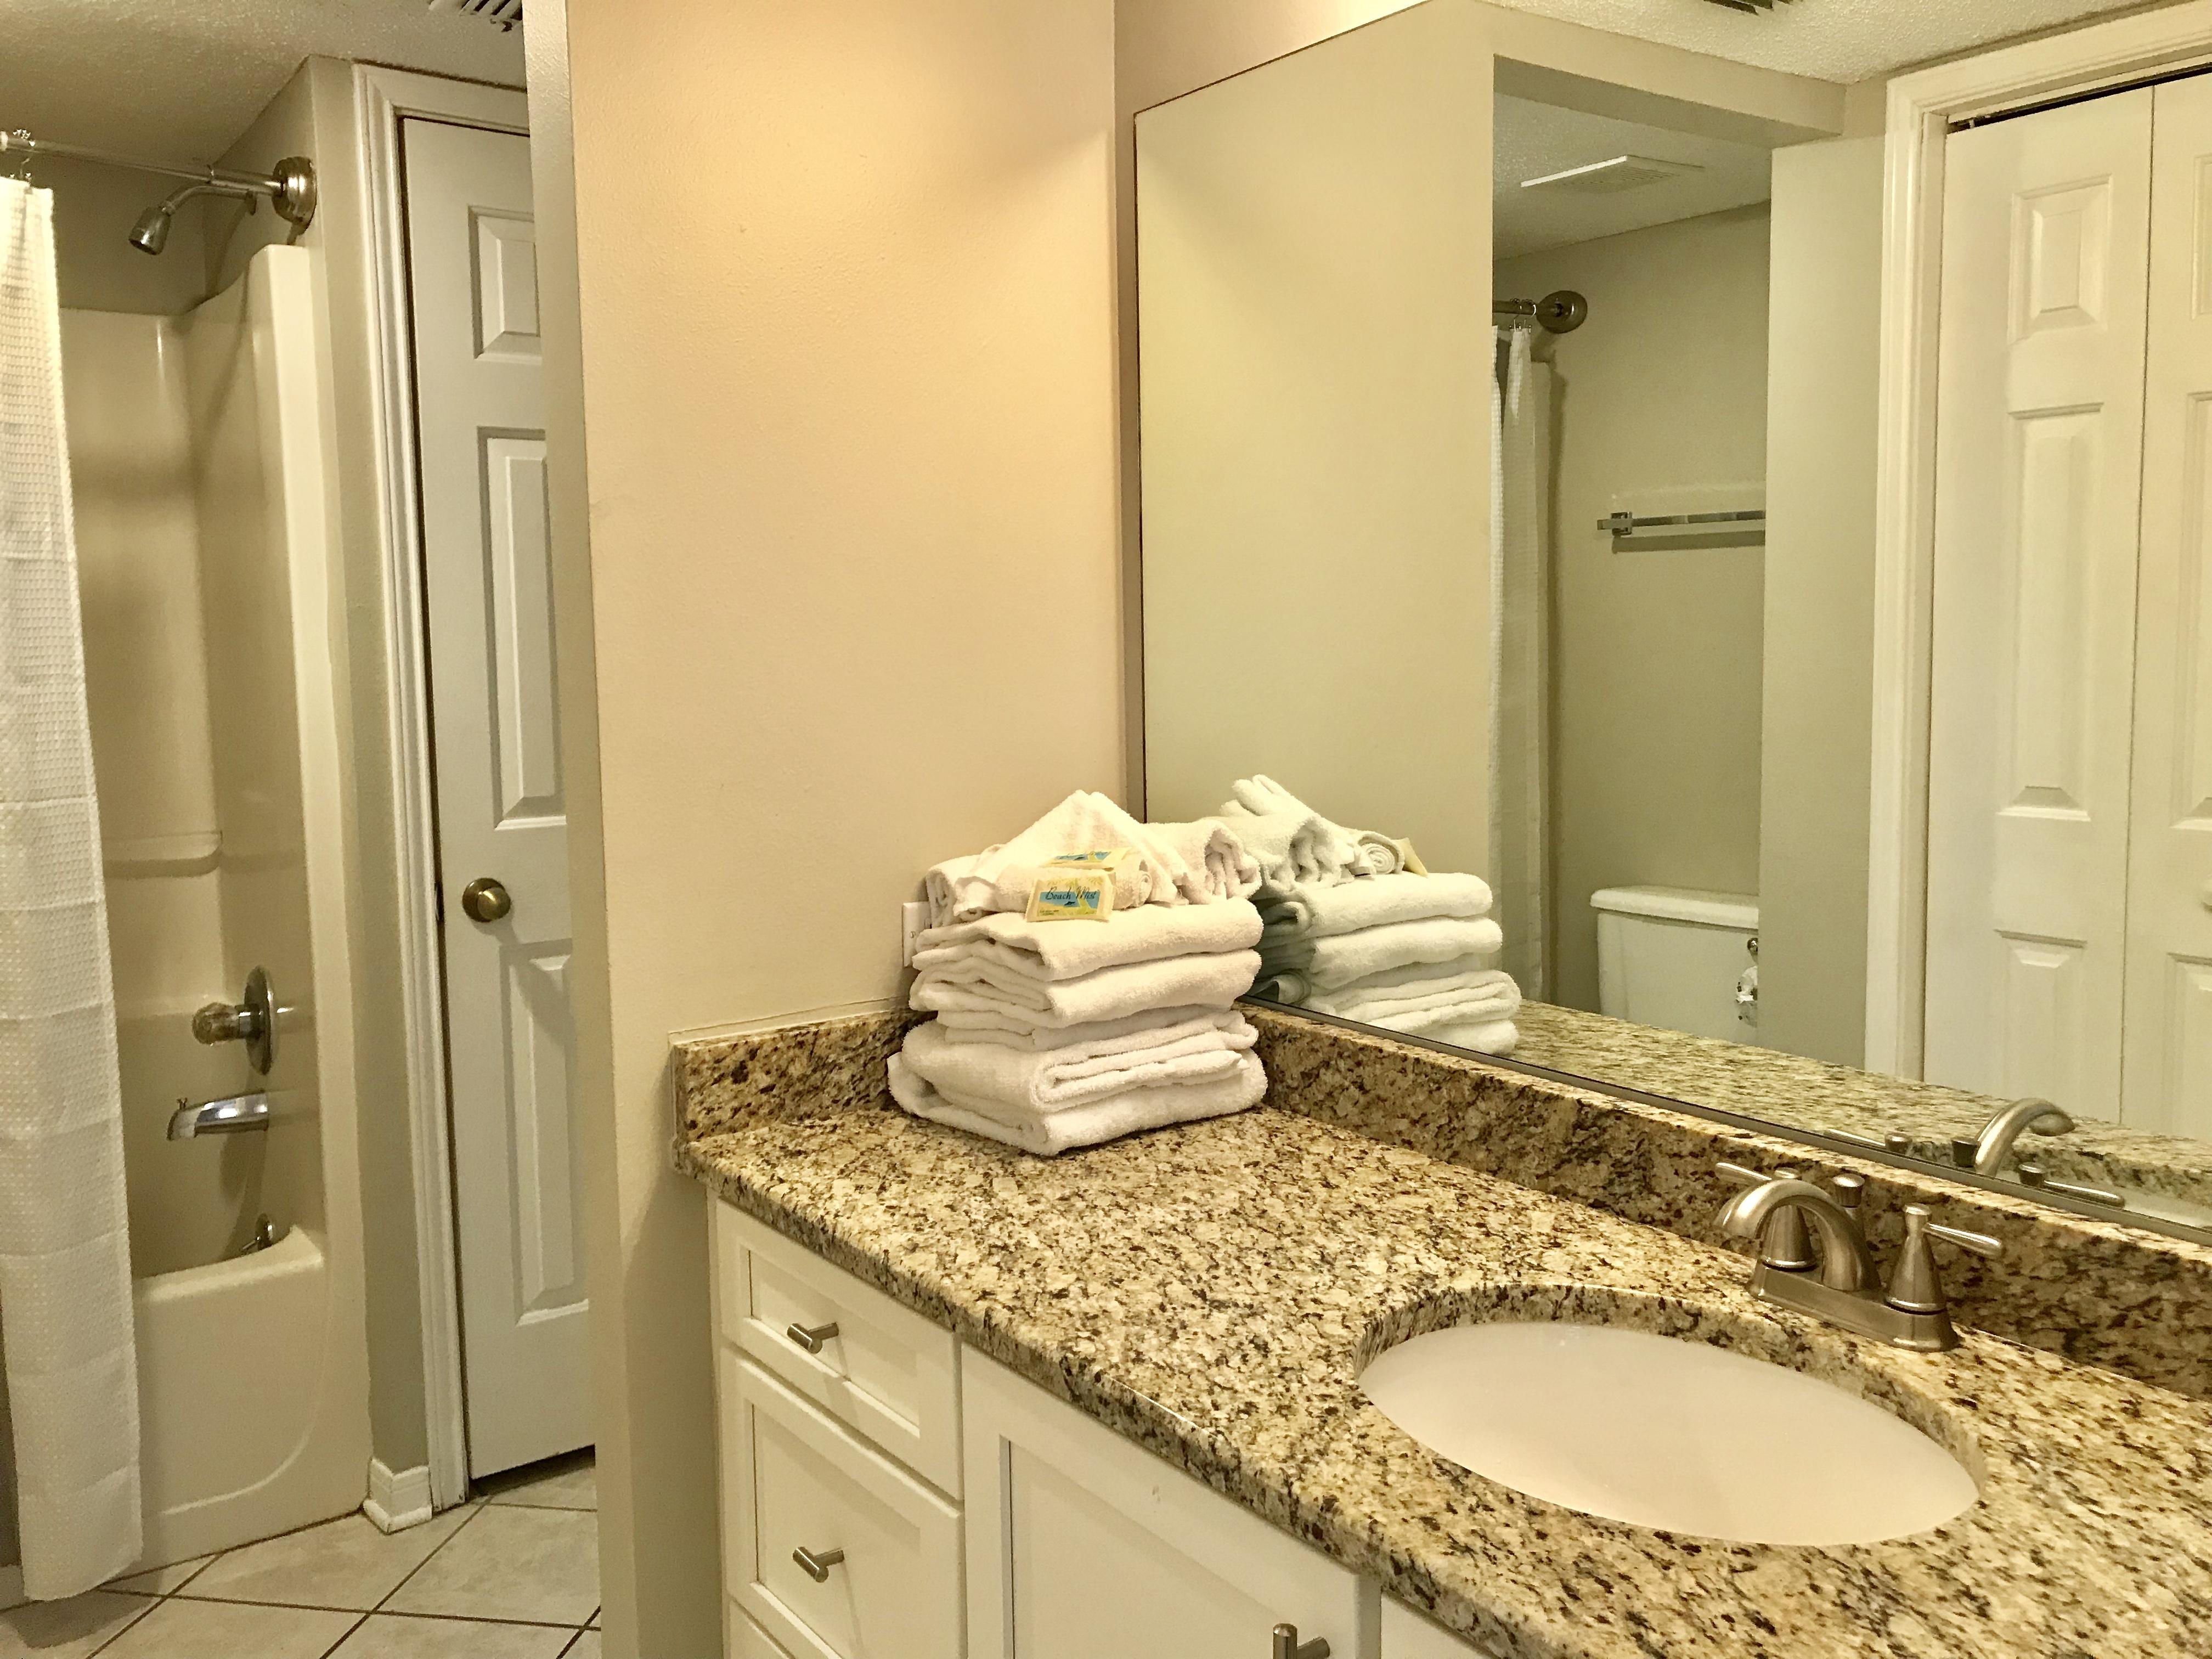 Ocean House 2206 Condo rental in Ocean House - Gulf Shores in Gulf Shores Alabama - #19